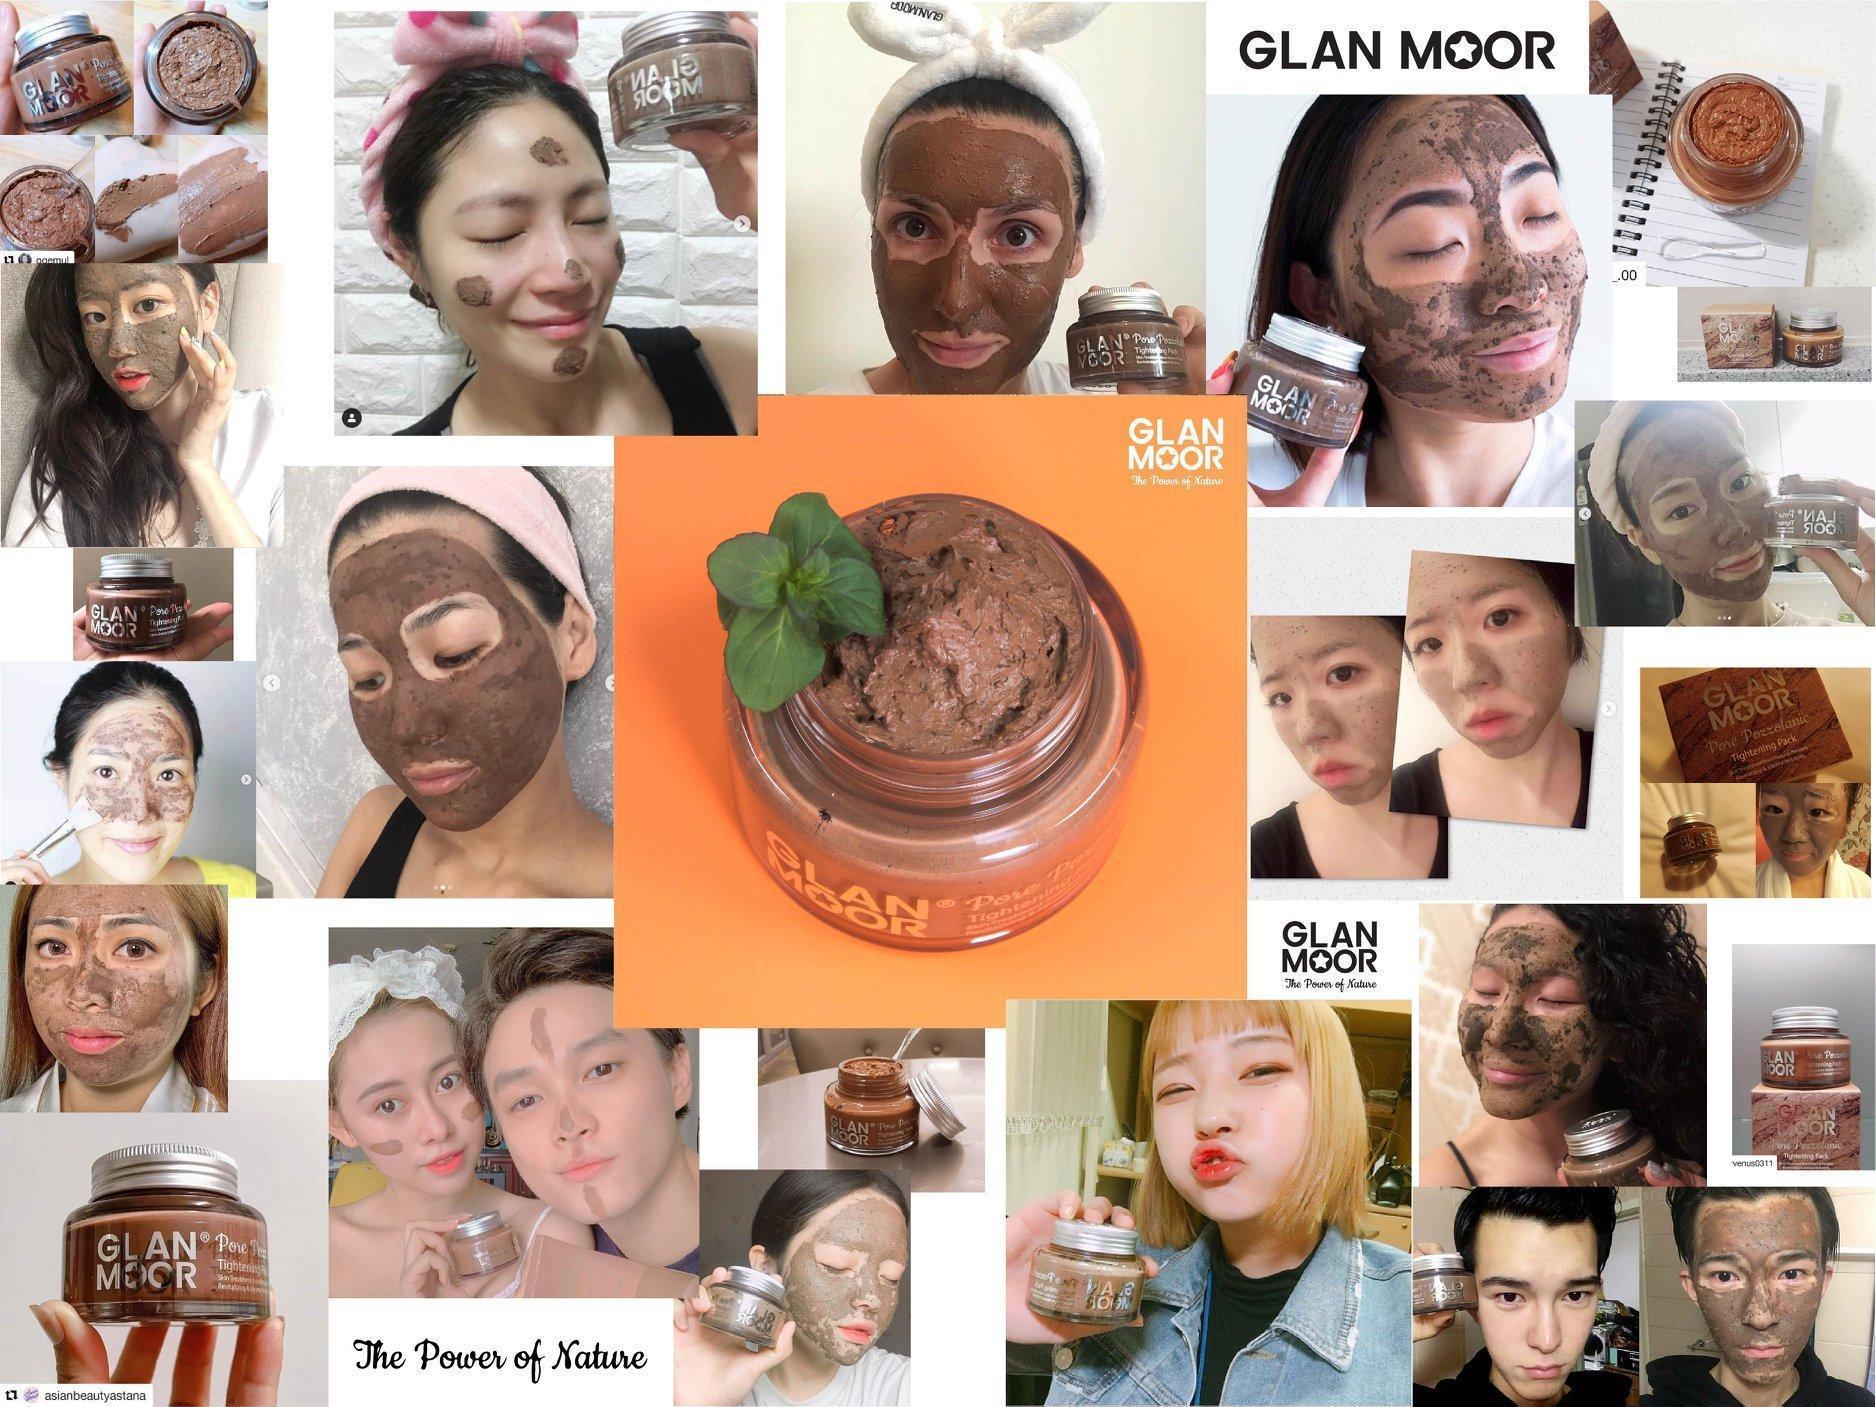 Sản phẩm giúp làm sạch sâu và se khít lỗ chân lông hiệu quả cho da (Nguồn: Internet)